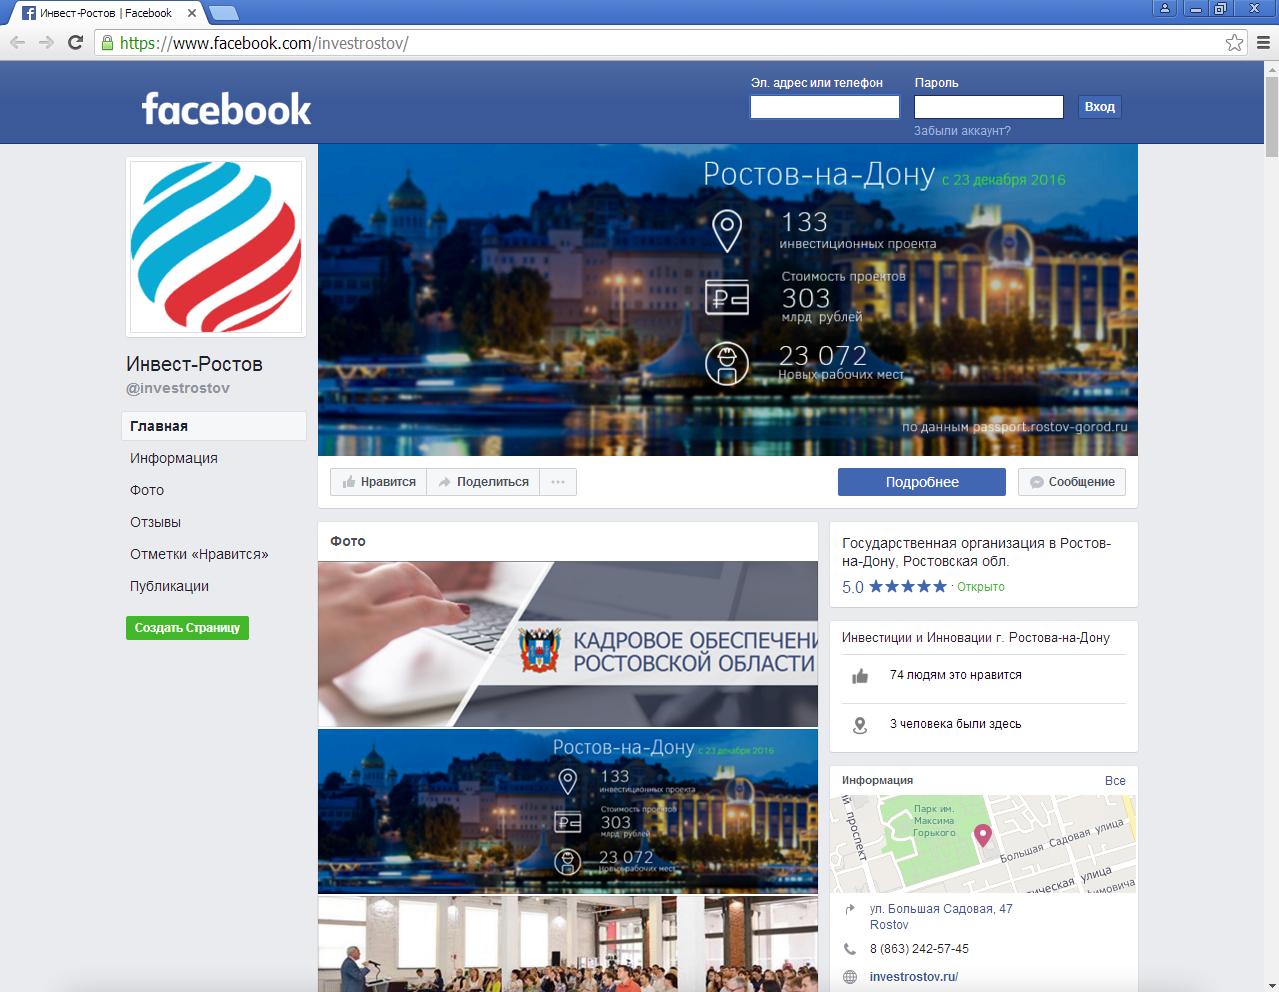 """Страница сайта """"Инвестиции и Инновации """" в социальной сети Facebook"""